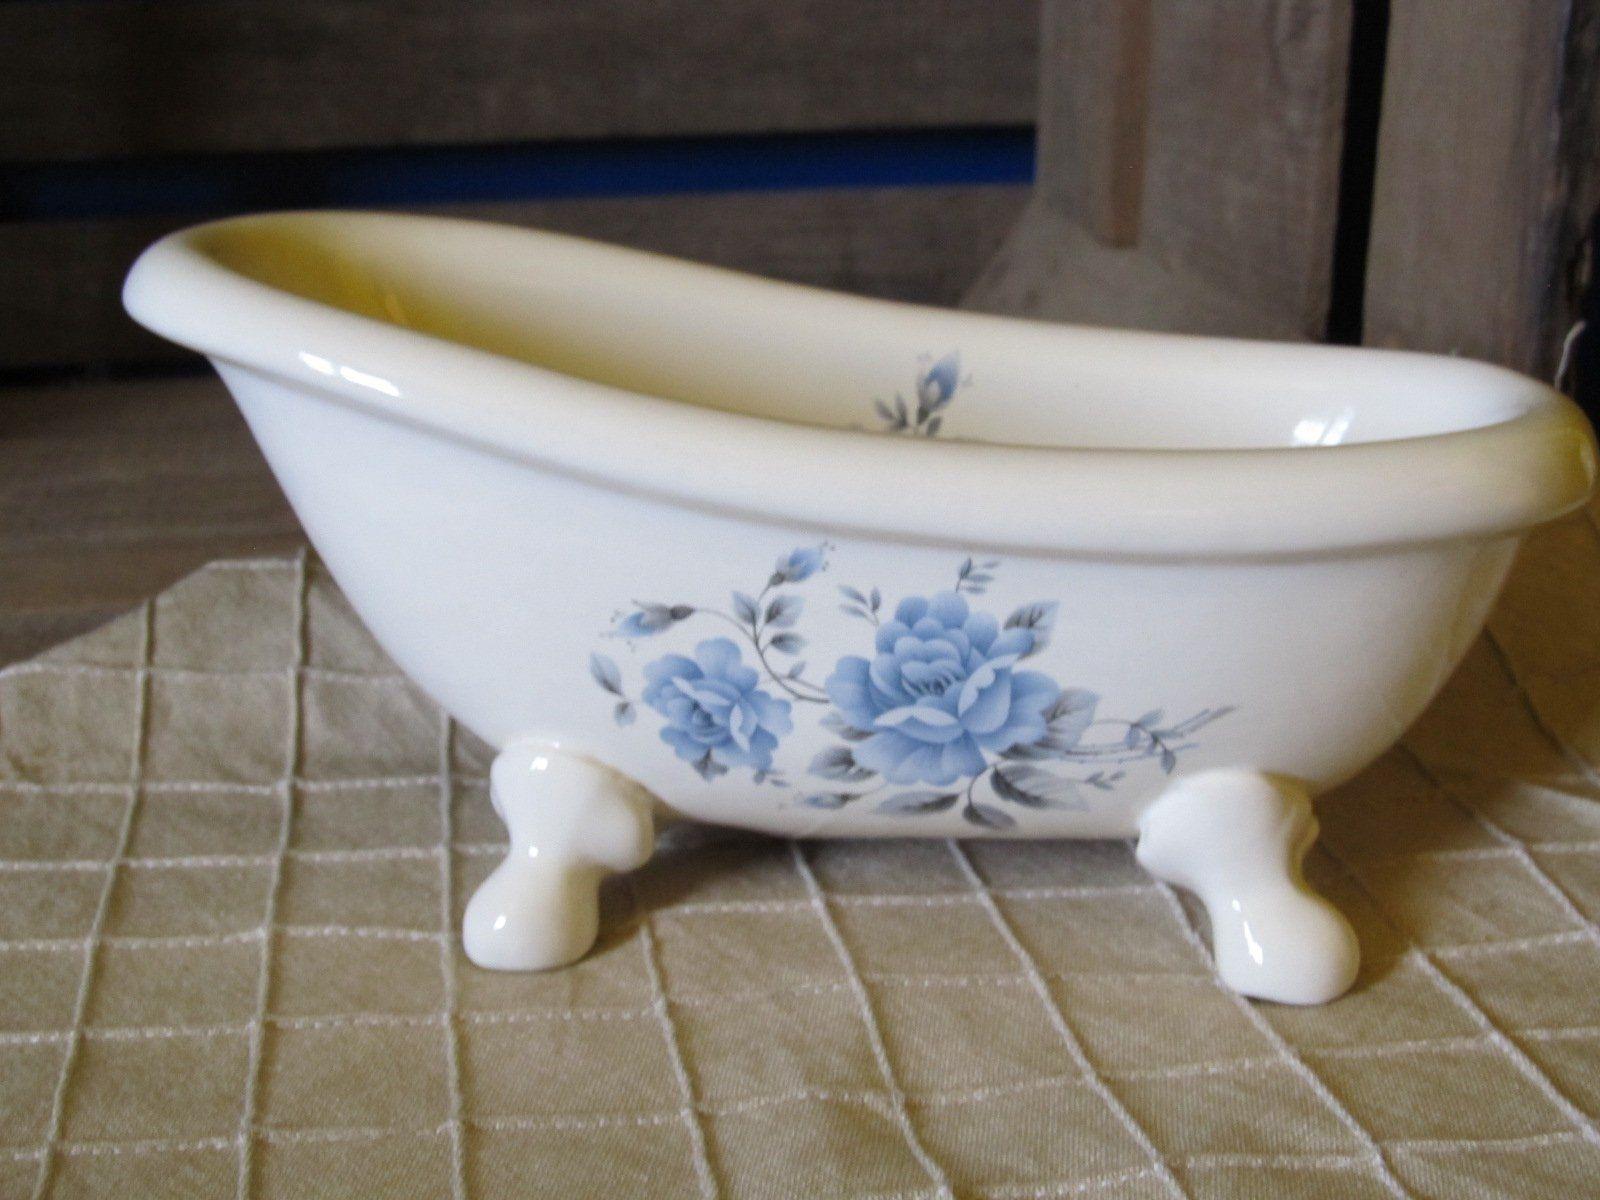 Vintage Athena Ceramic Claw Foot Bath Tub Bathtub Soap Dish Clawfoot Claw Foot Bath Vintage